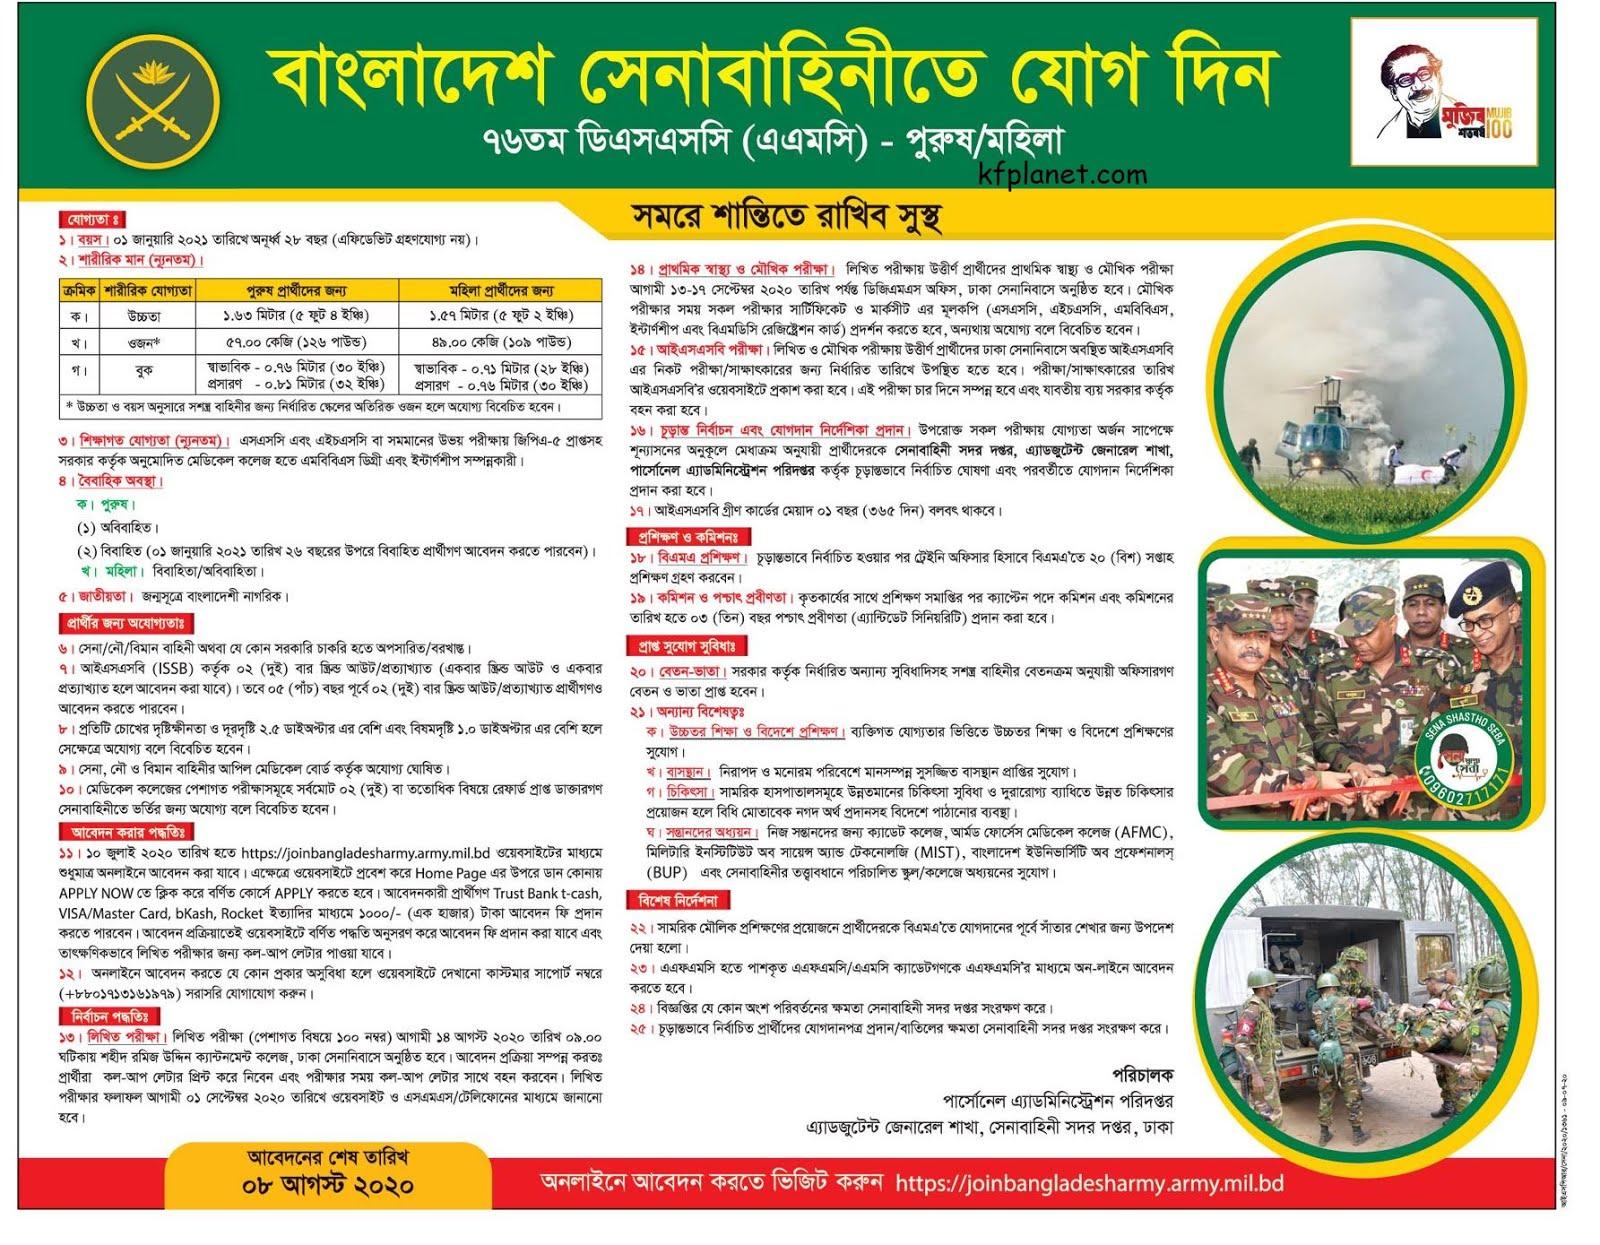 বাংলাদেশ সেনাবাহিনীর বেসামরিক পদে নিয়োগ বিজ্ঞপ্তি